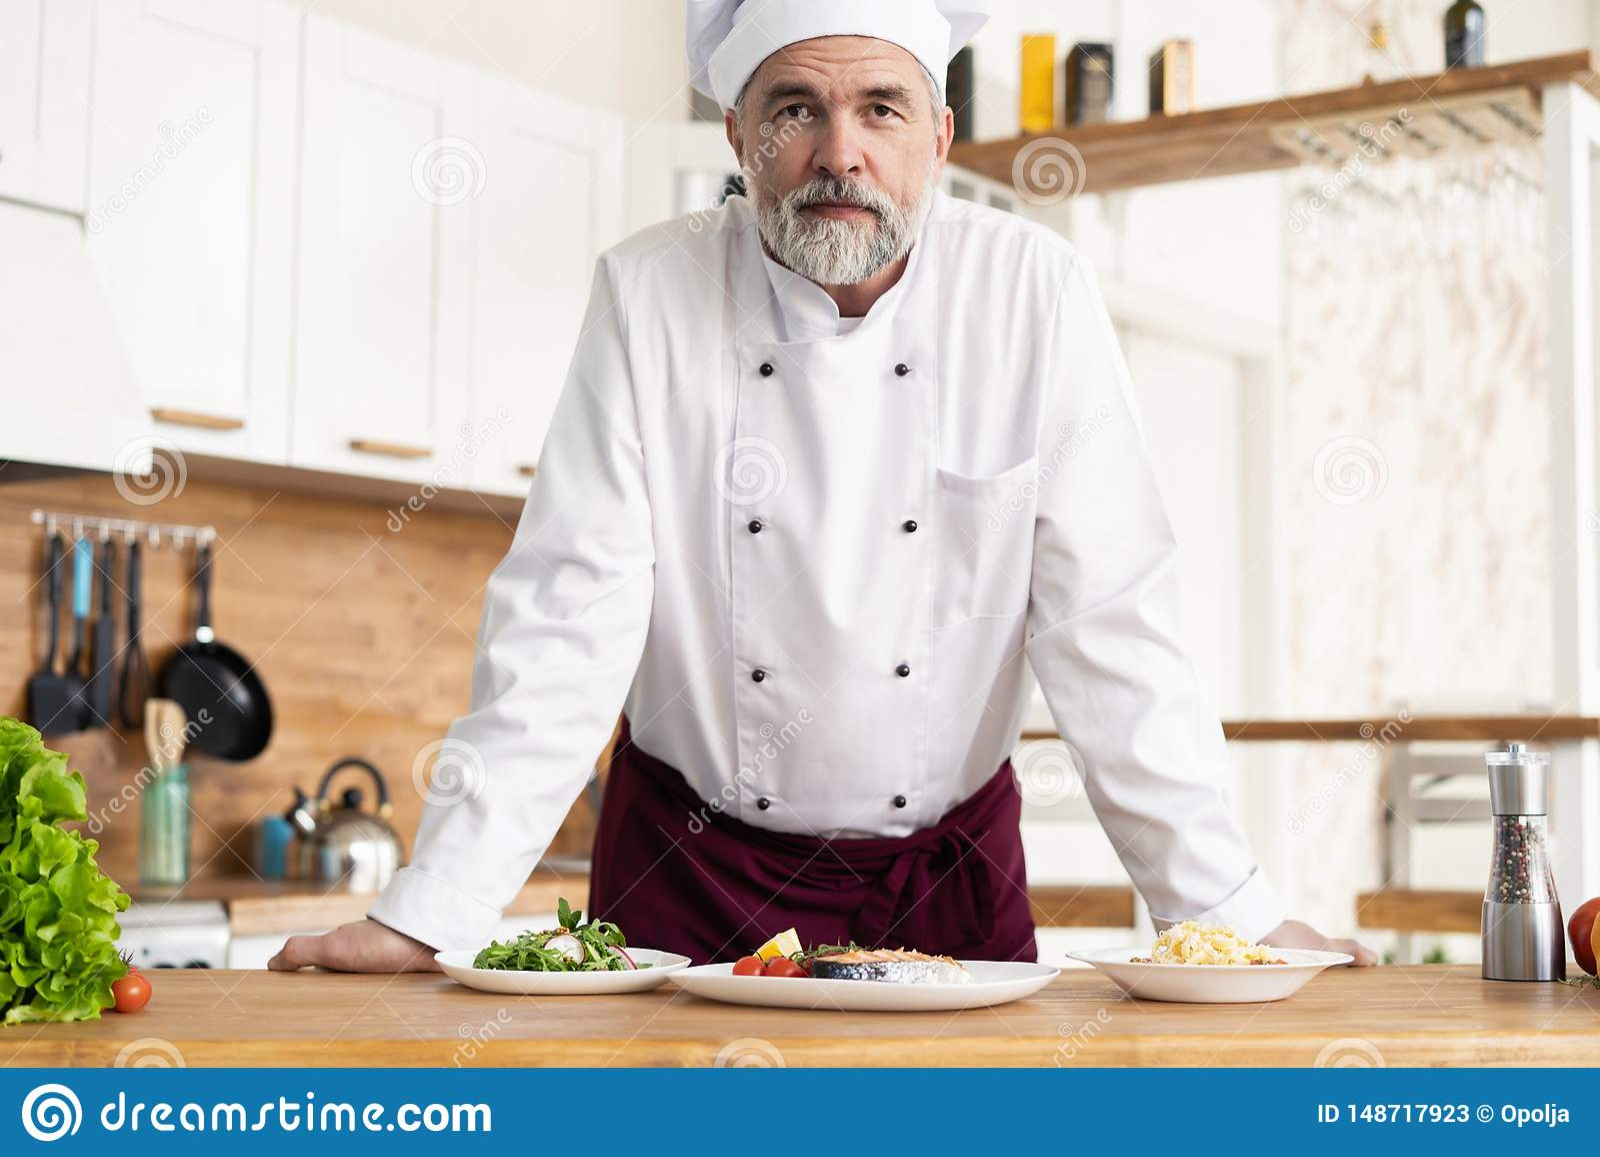 Attractive Caucasian chef standing in a restaurant kitchen